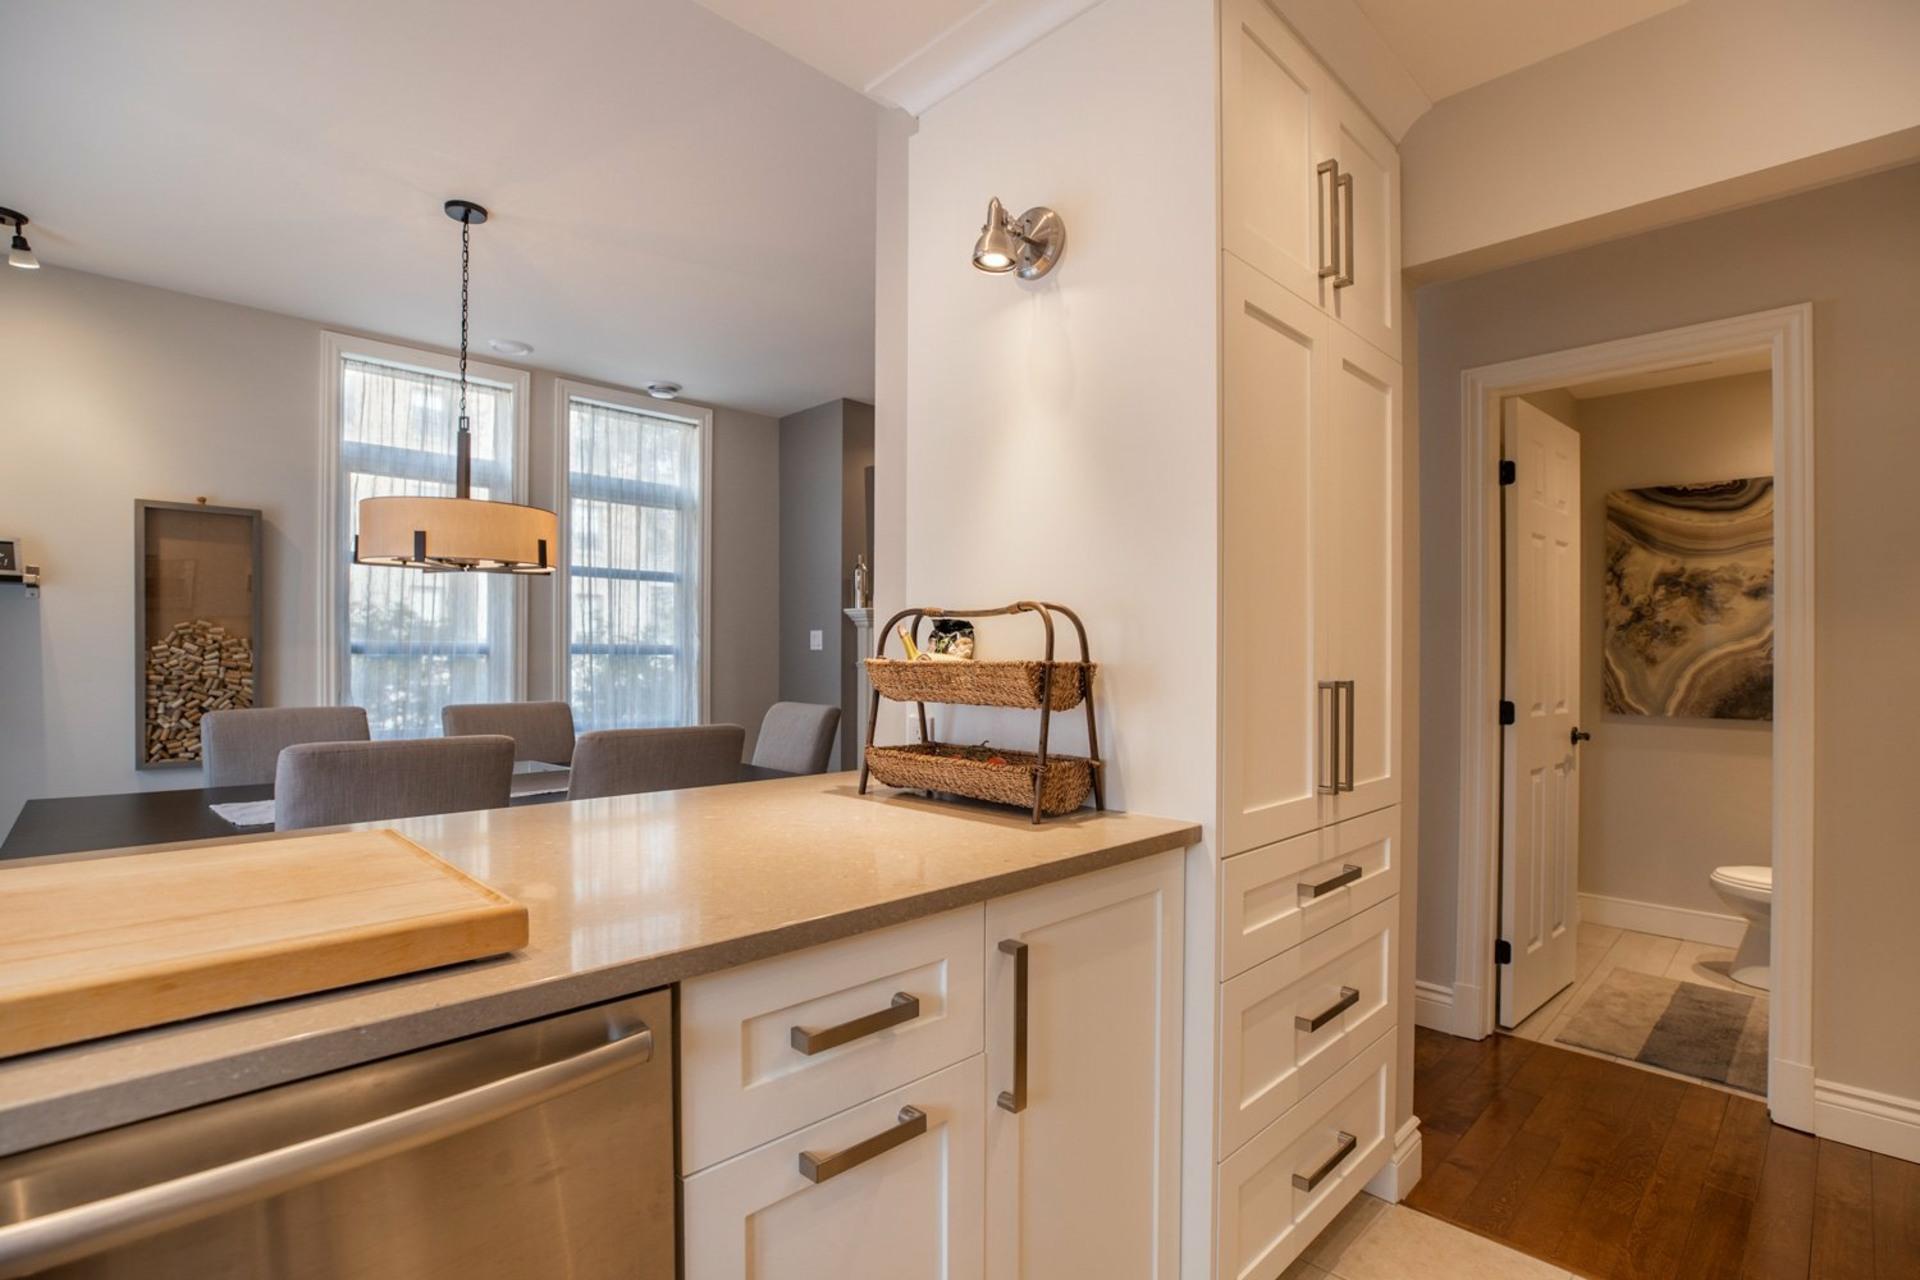 image 8 - House For sale Ahuntsic-Cartierville Montréal  - 8 rooms